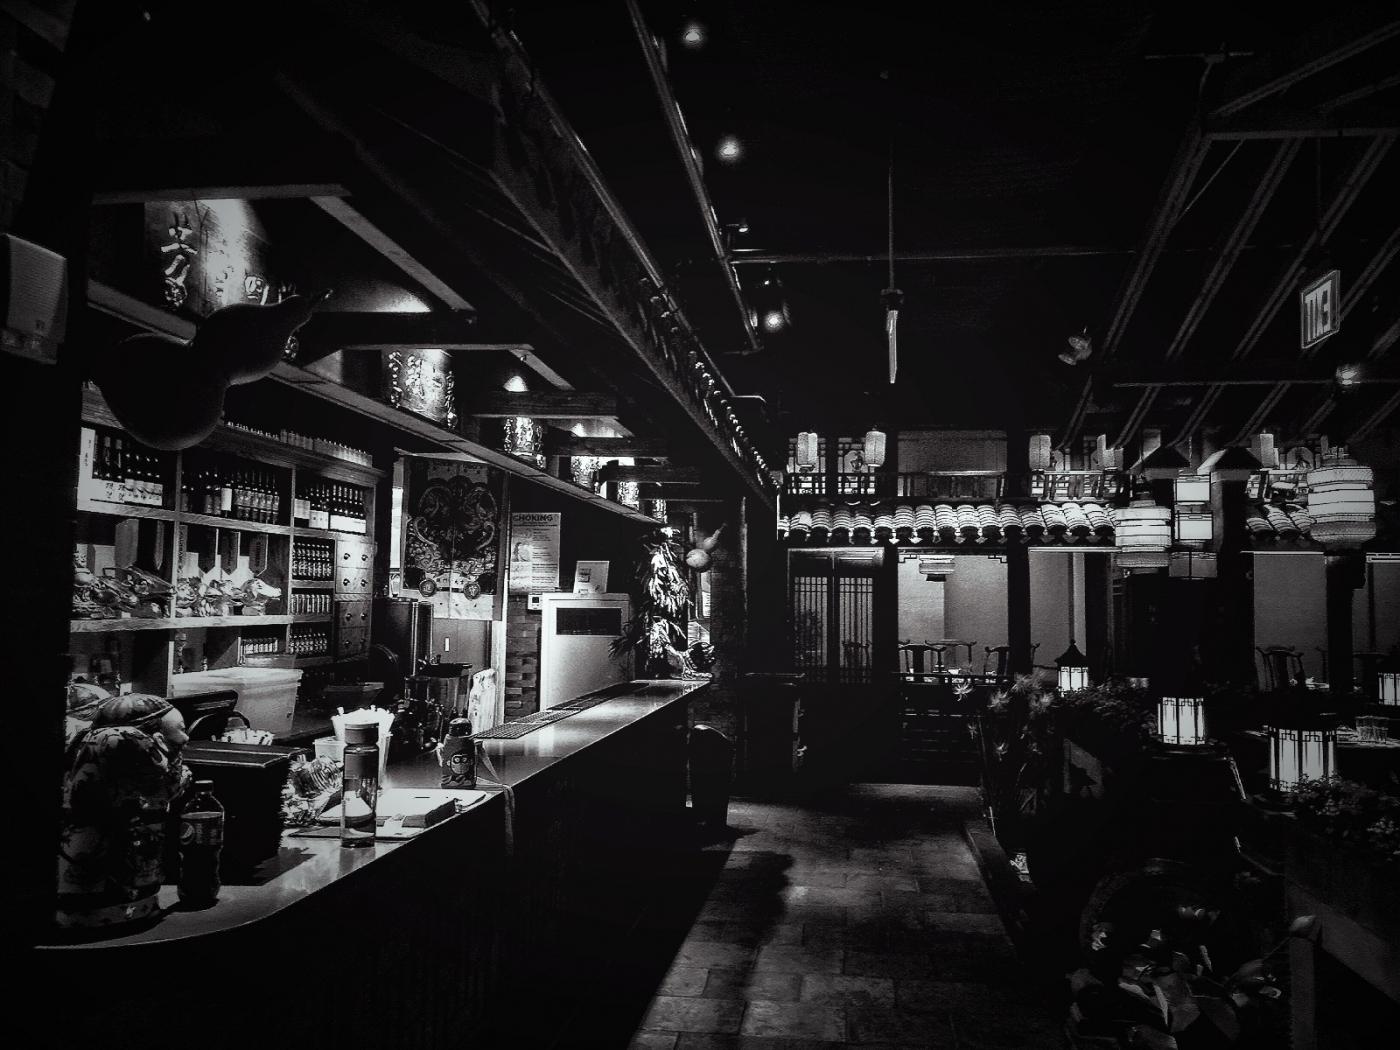 【盲流摄影】纽约法拉盛的中餐馆品味在提升-手机摄影_图1-30